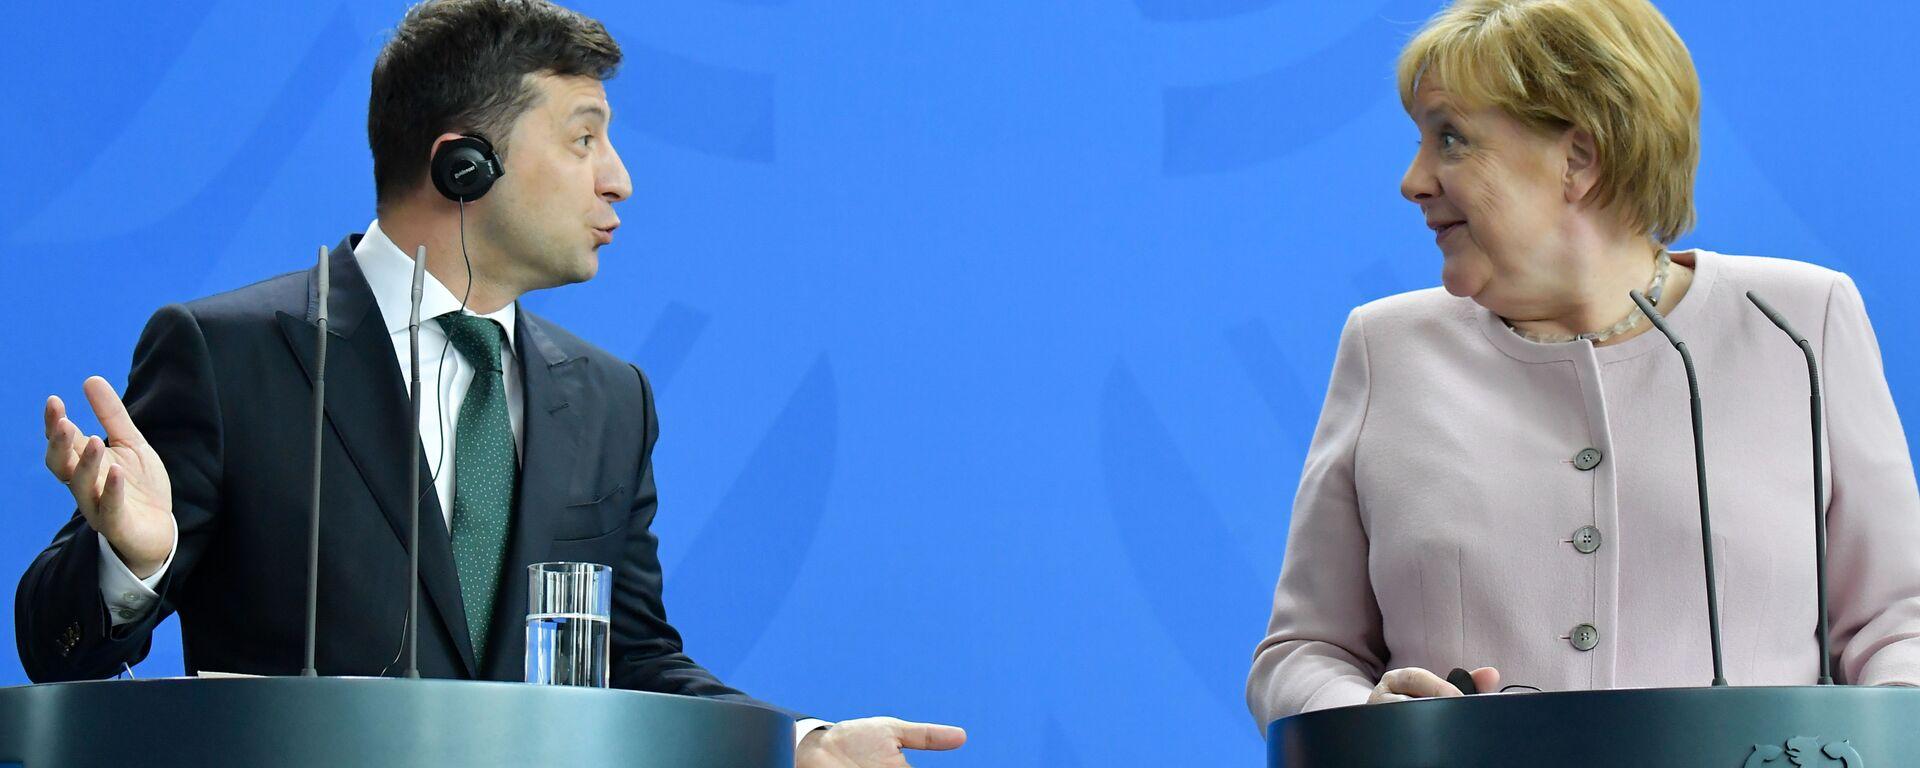 Президент Украины Владимир Зеленский и канцлер Германии Ангела Меркель в Берлине - Sputnik Узбекистан, 1920, 24.07.2021